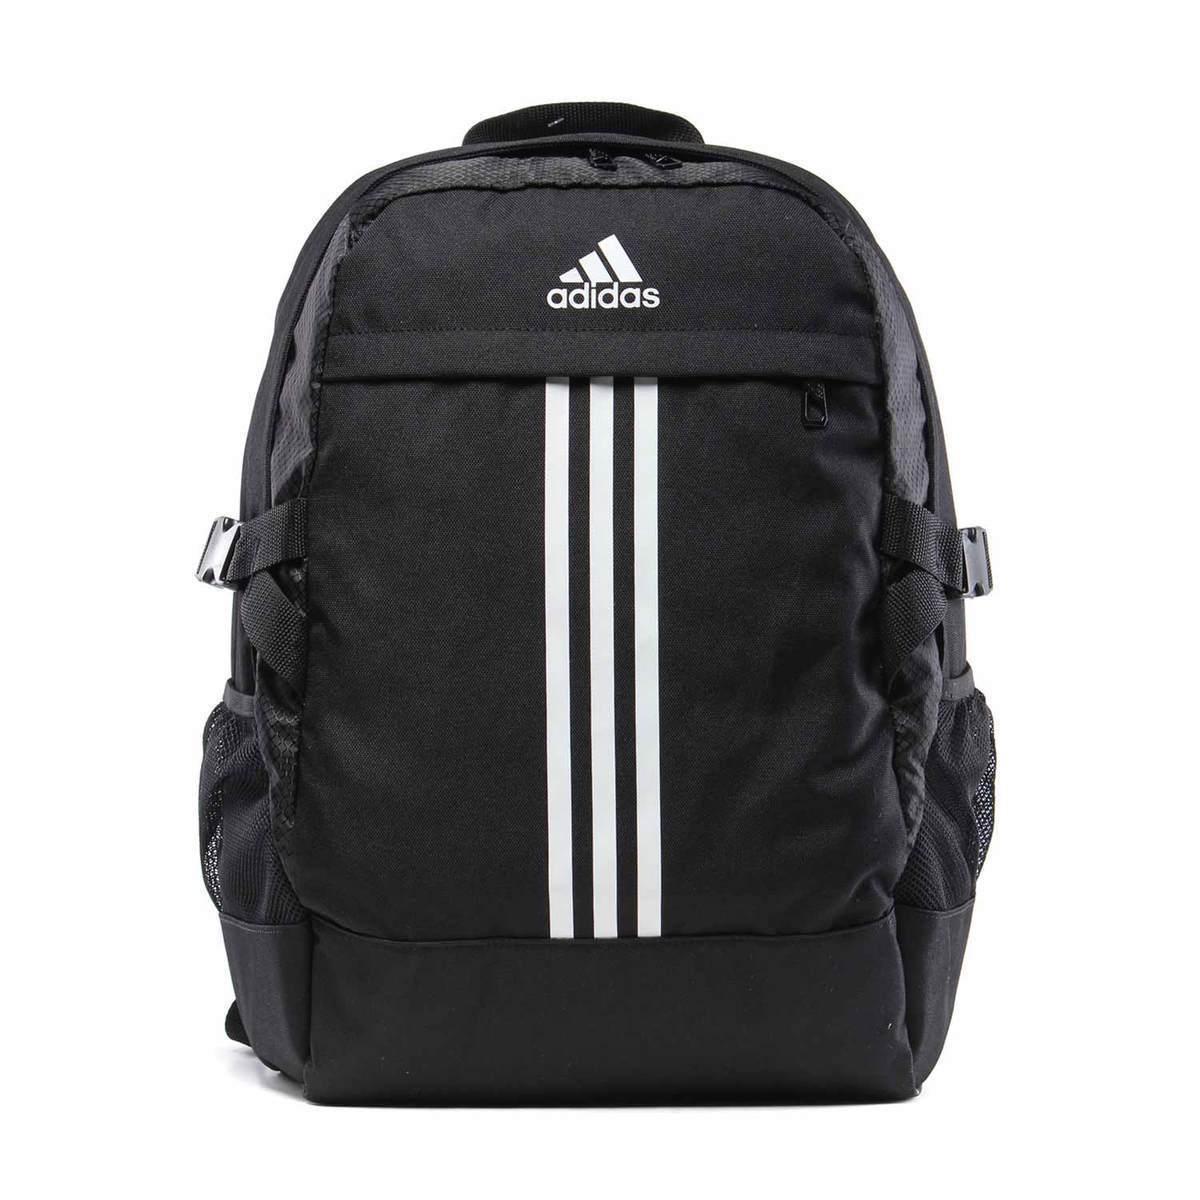 阿迪达斯双肩包2017年新款男包运动休闲背包电脑包学生书包ax6936商品图片